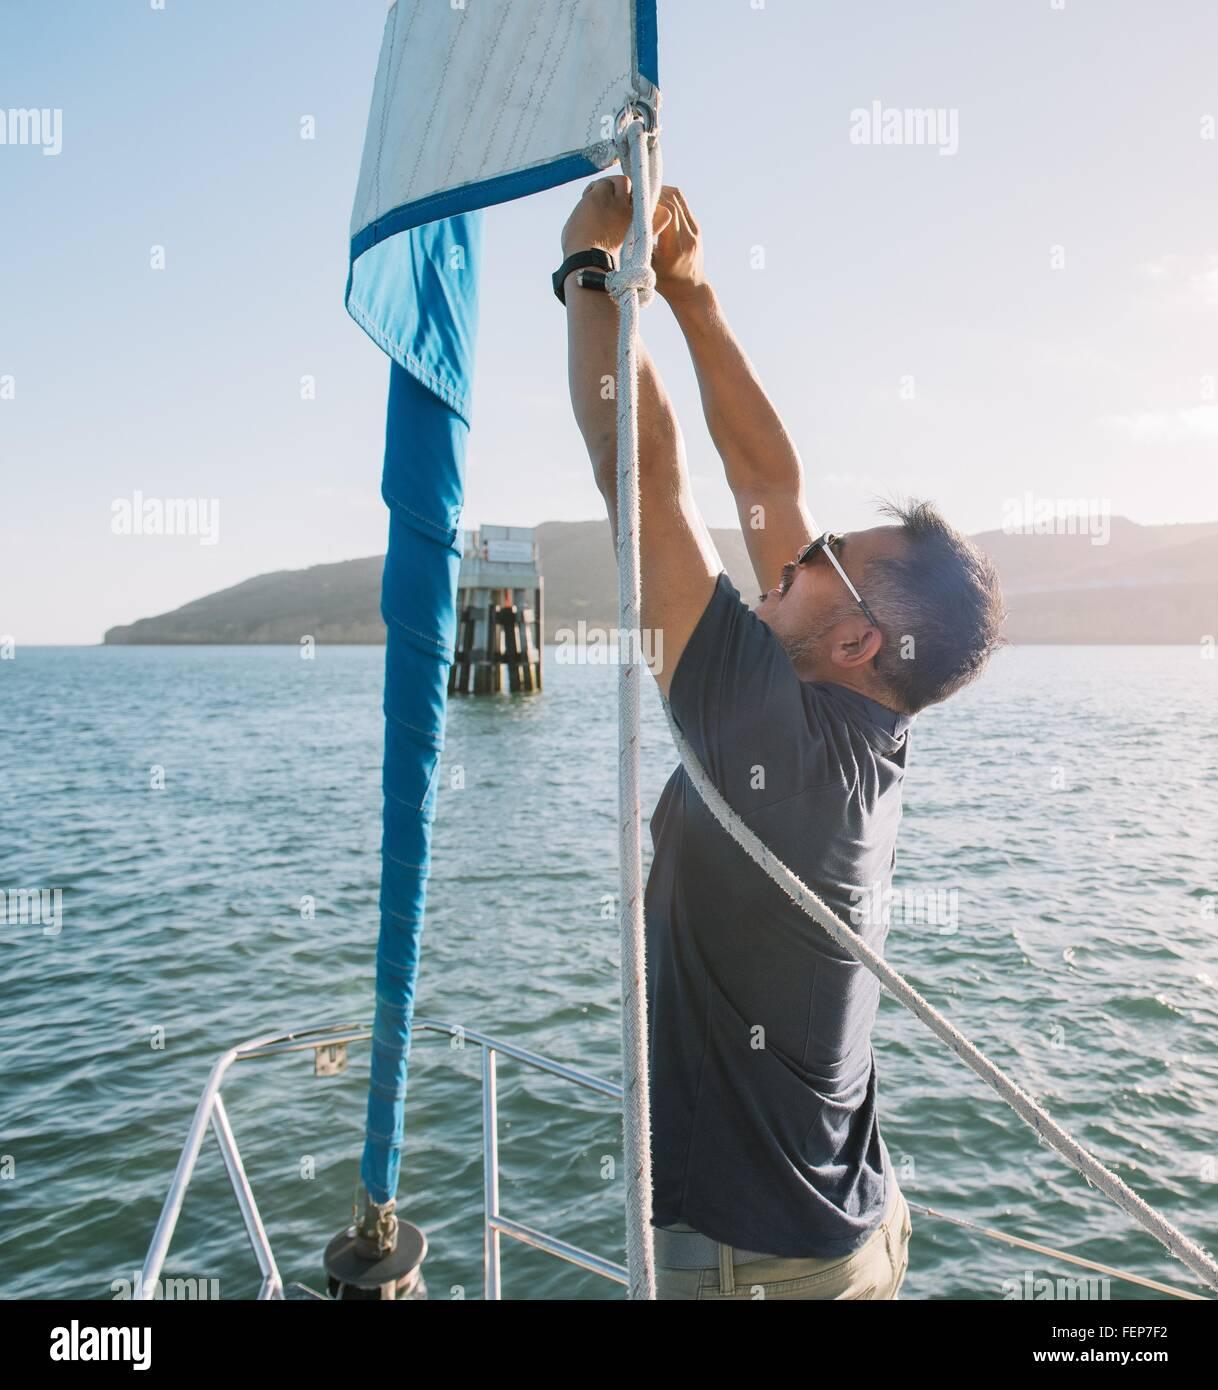 Man tying up mainsail on sailboat, San Diego Bay, California, USA - Stock Image